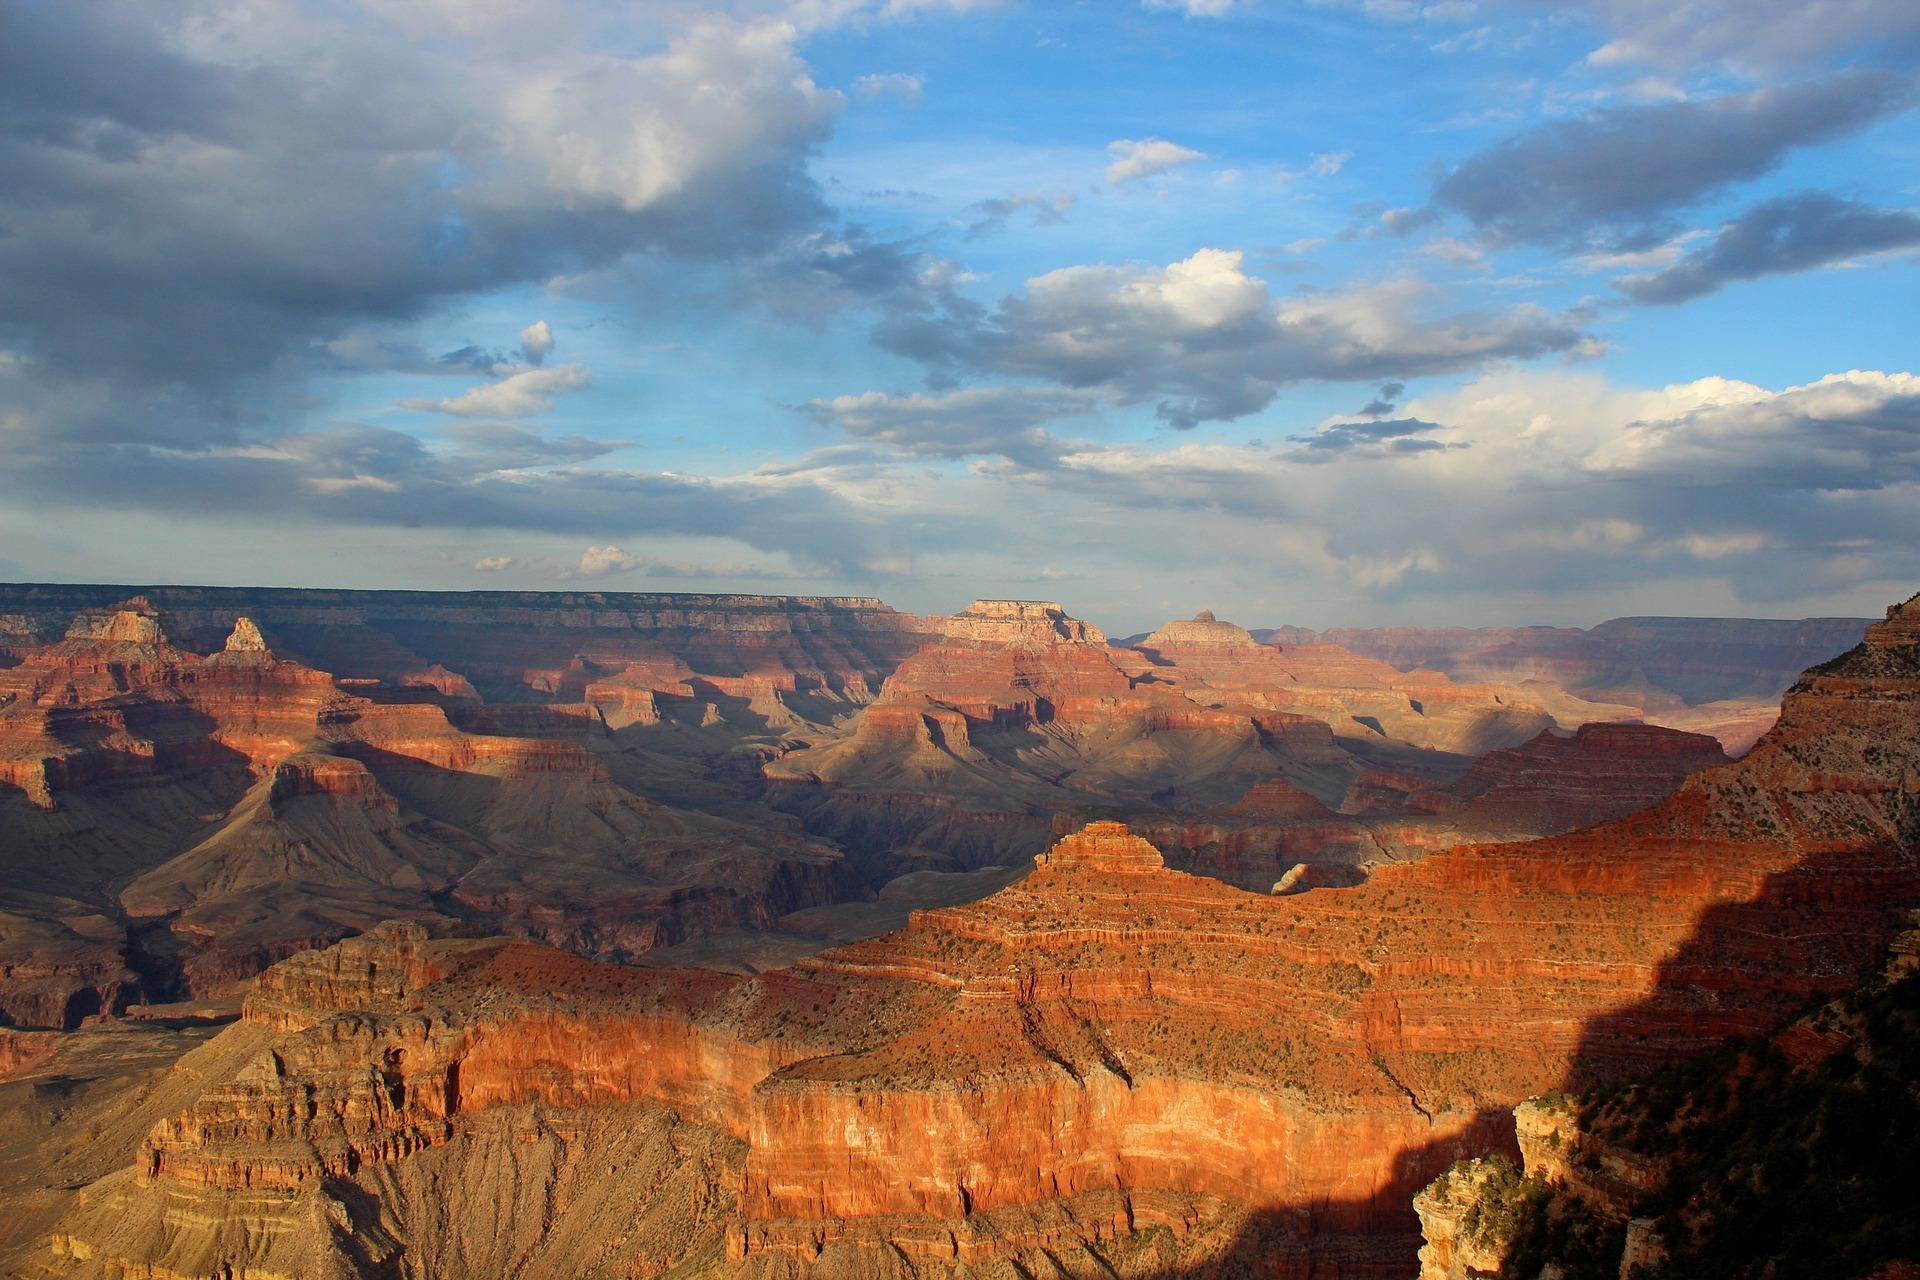 Oplev Grand Canyon med et billigt rejselån i dag